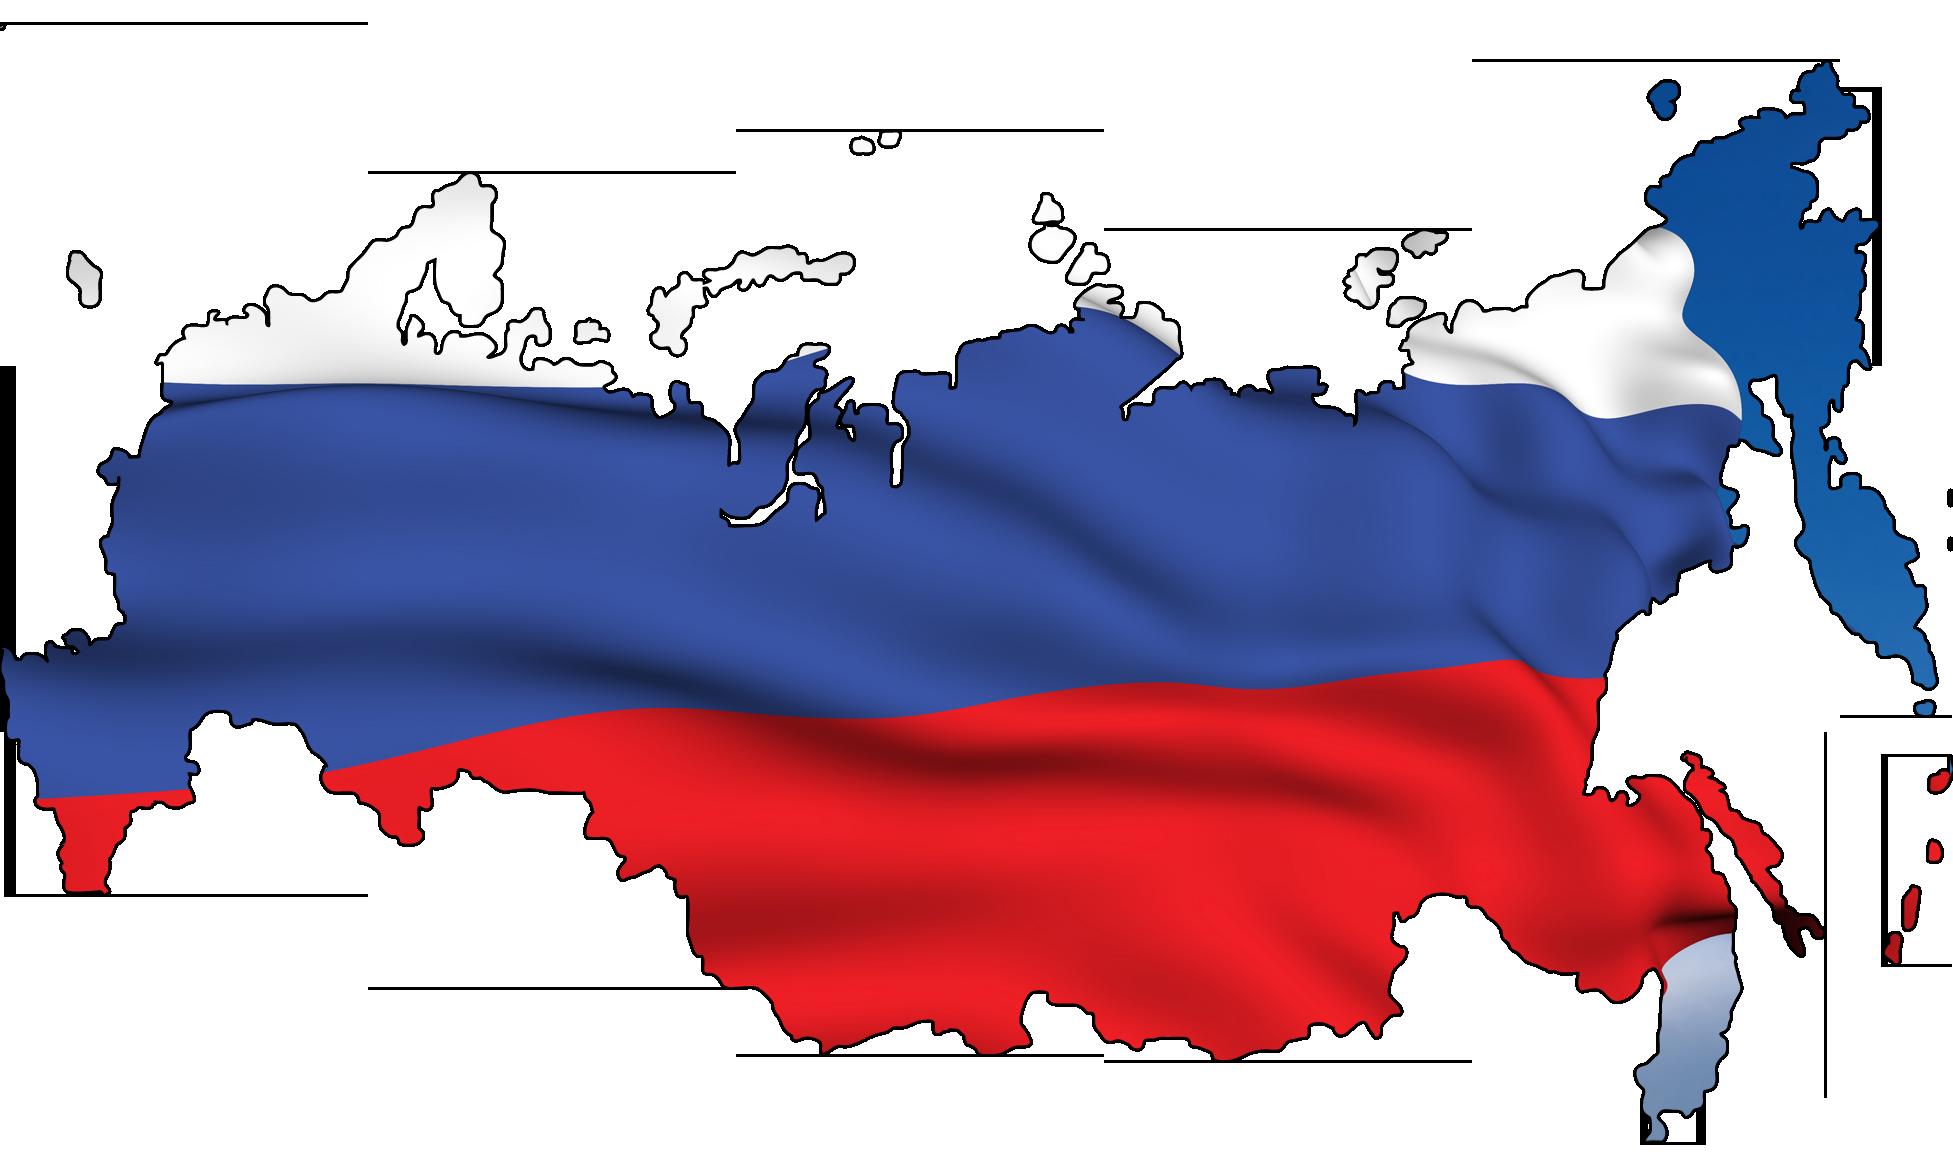 Расширены данные по контрагентам Российской Федерации